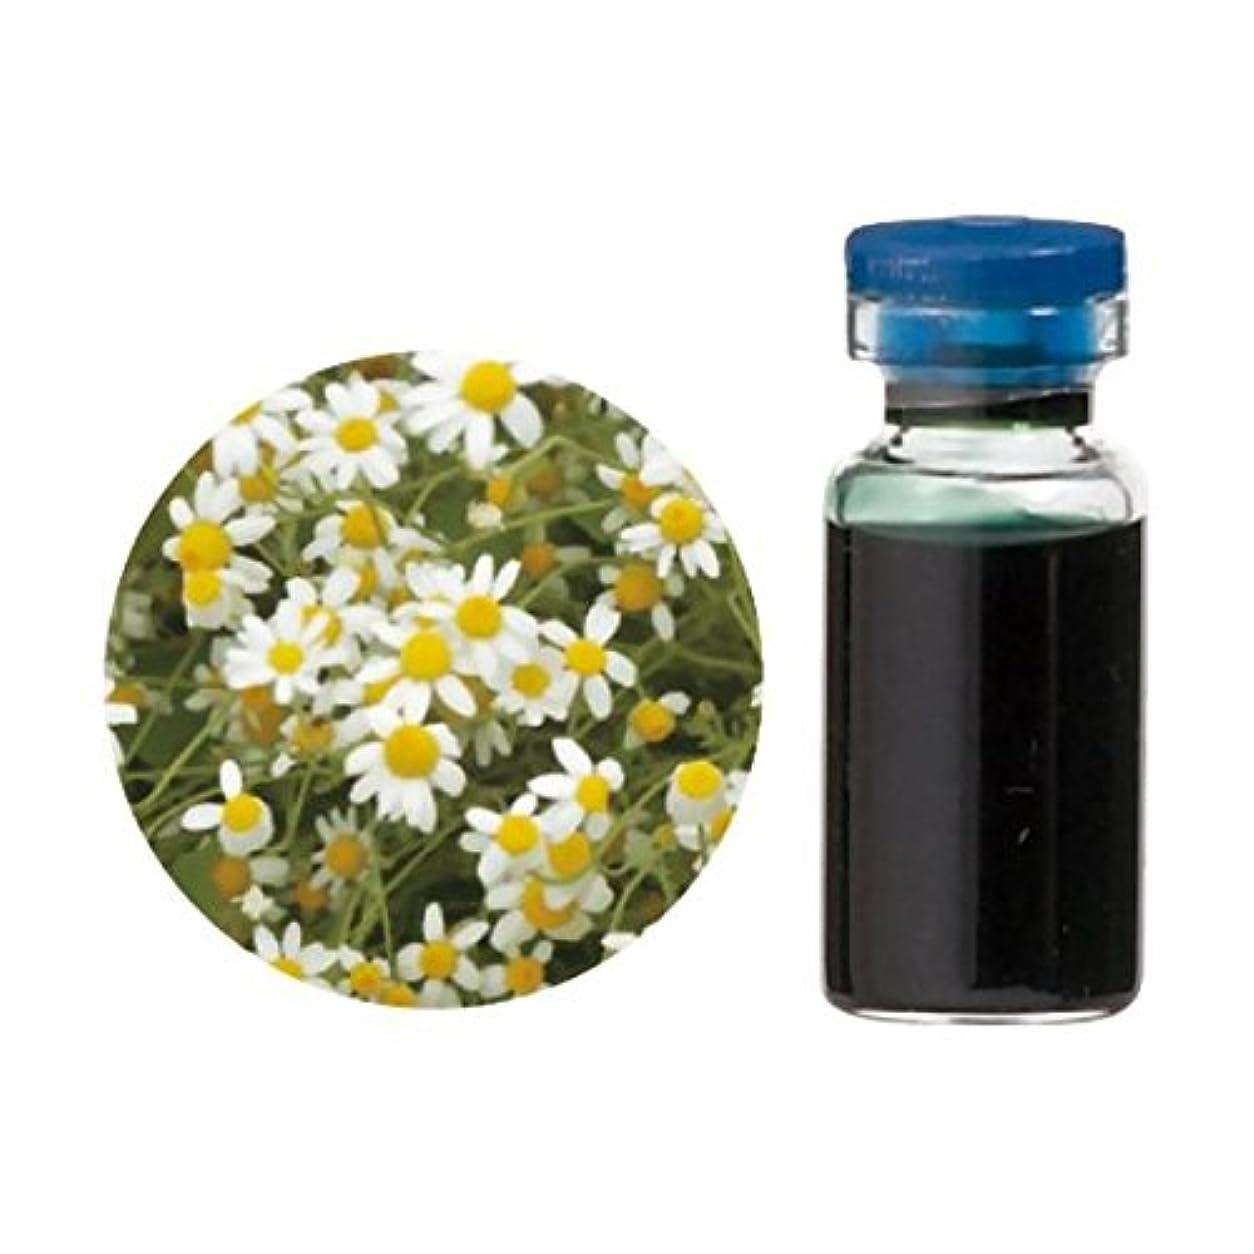 生活の木 Herbal Life レアバリューオイル カモマイル?ジャーマン(カモミール?ジャーマン) 1ml 2セット